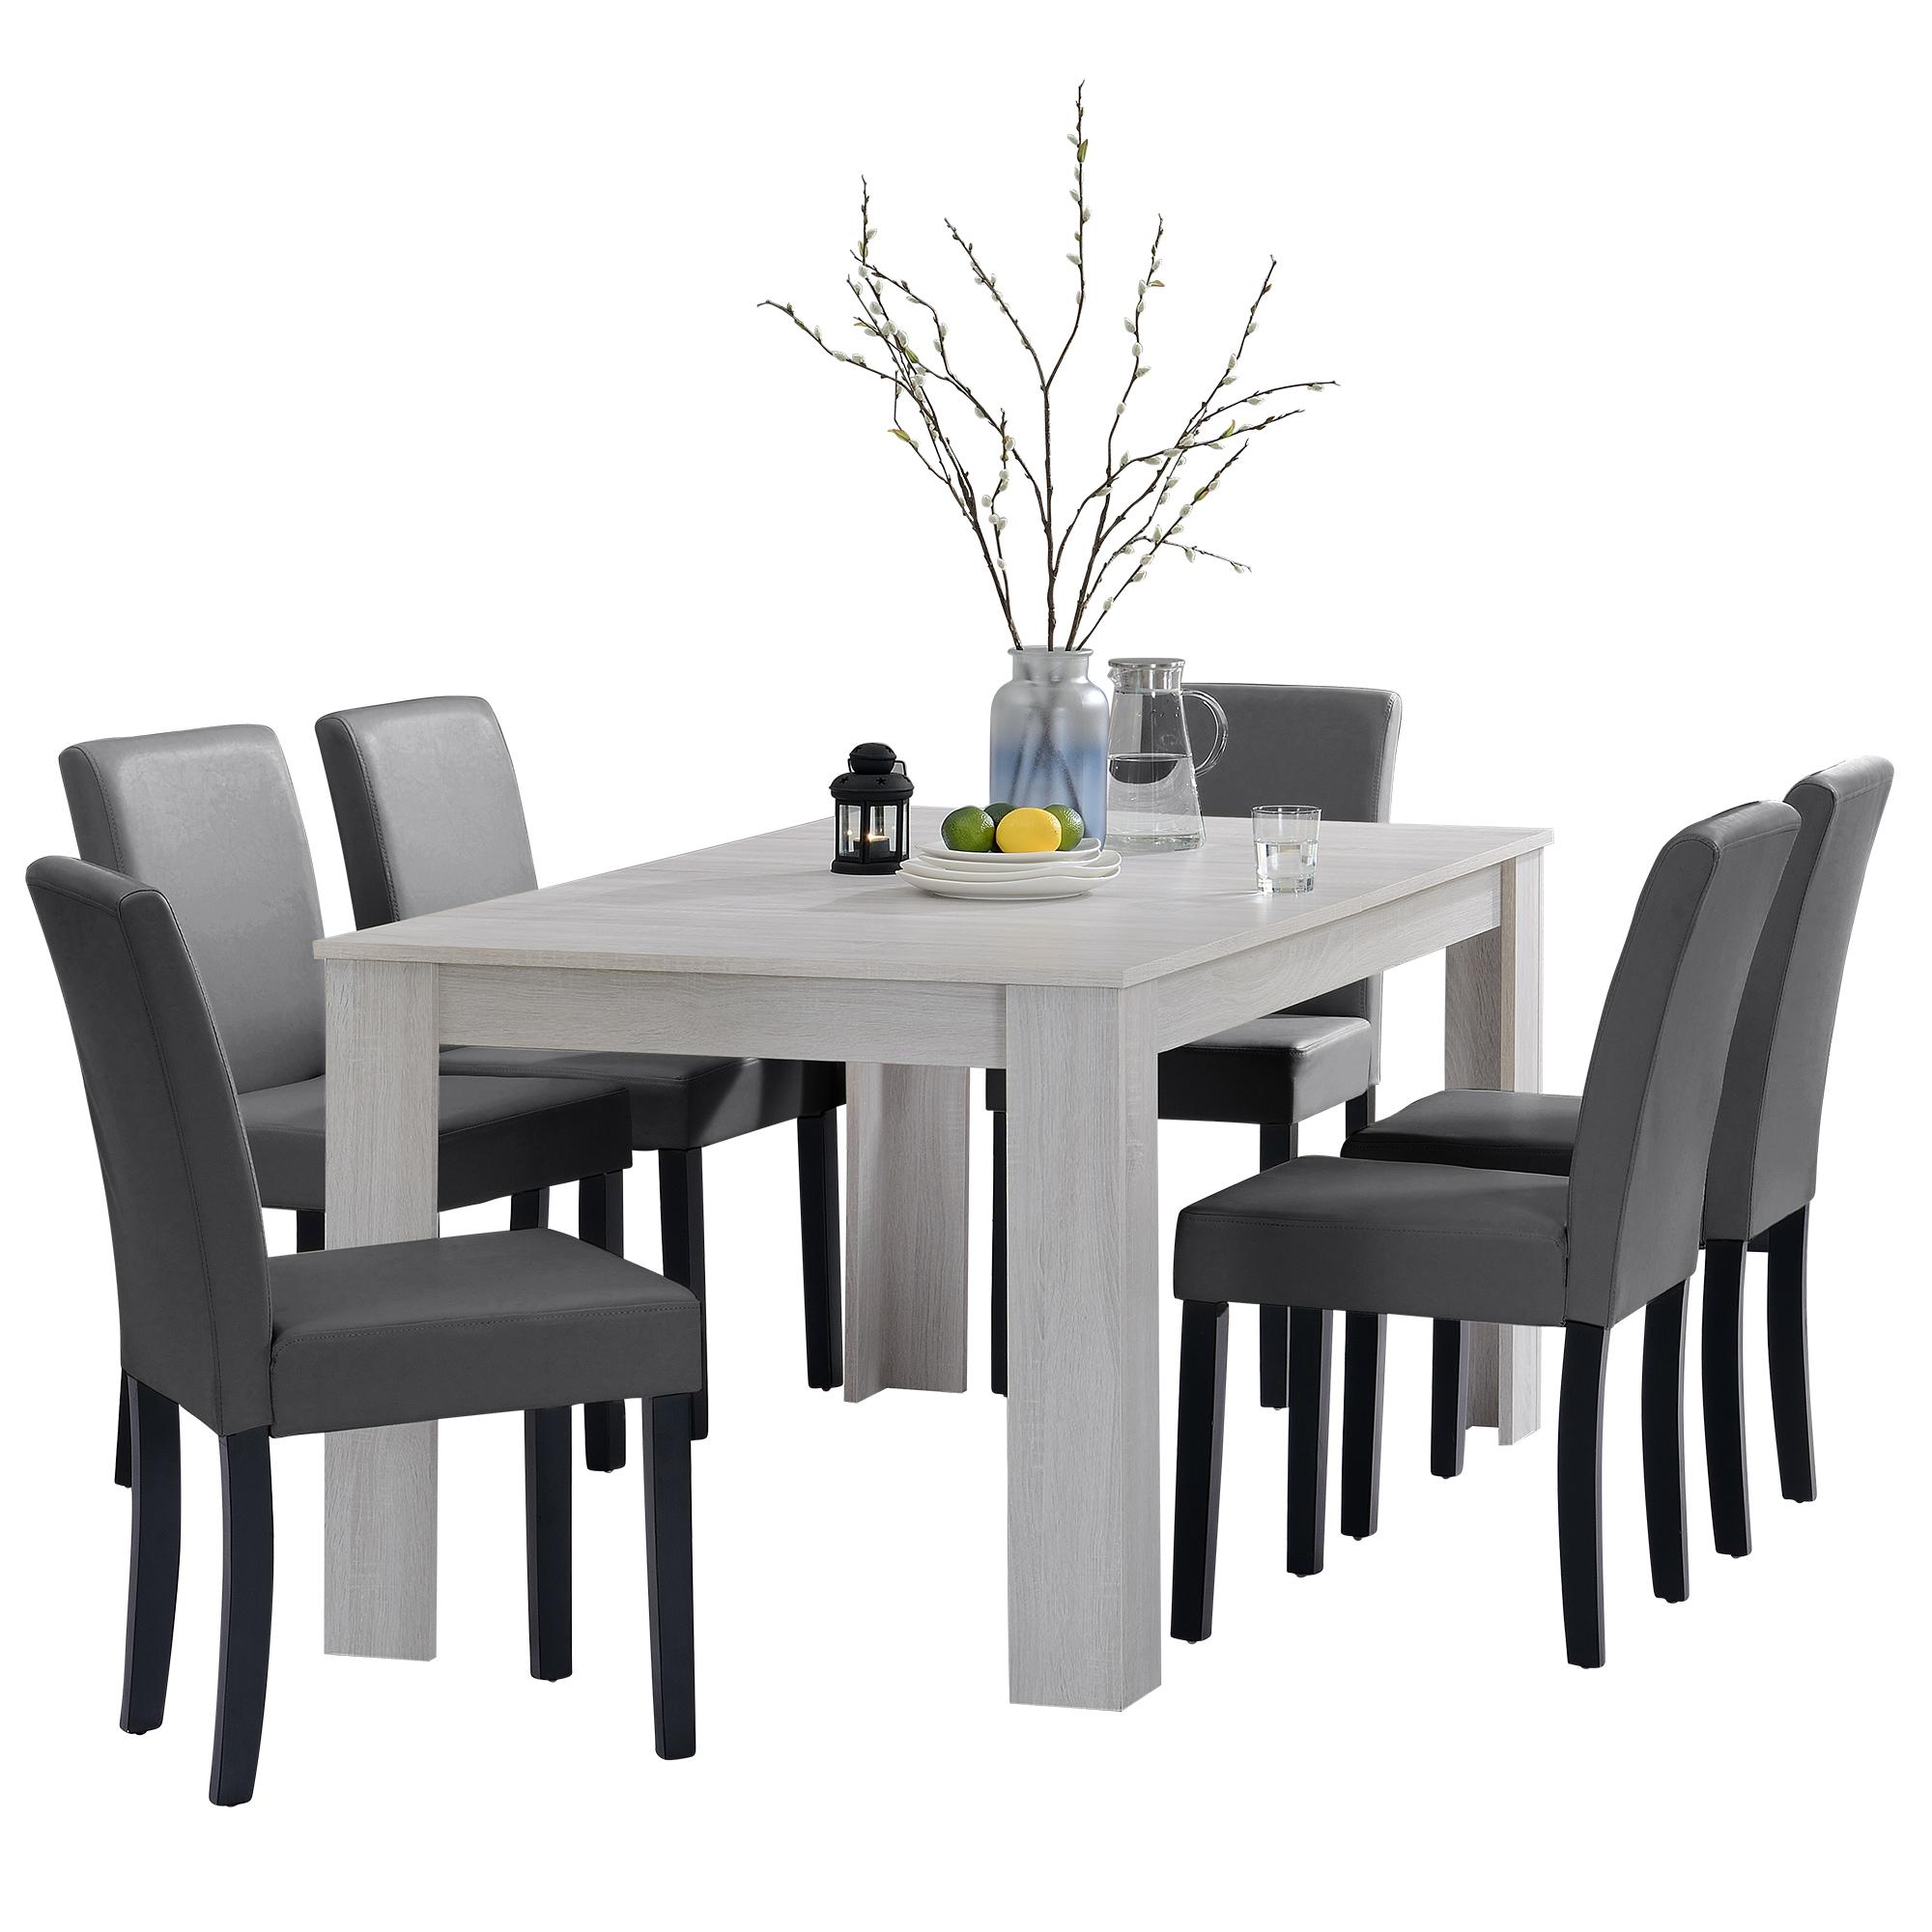 [en.casa]® Jídelní sestava 1 x stůl HTFU2336 + 6 x židle HTMY-9703